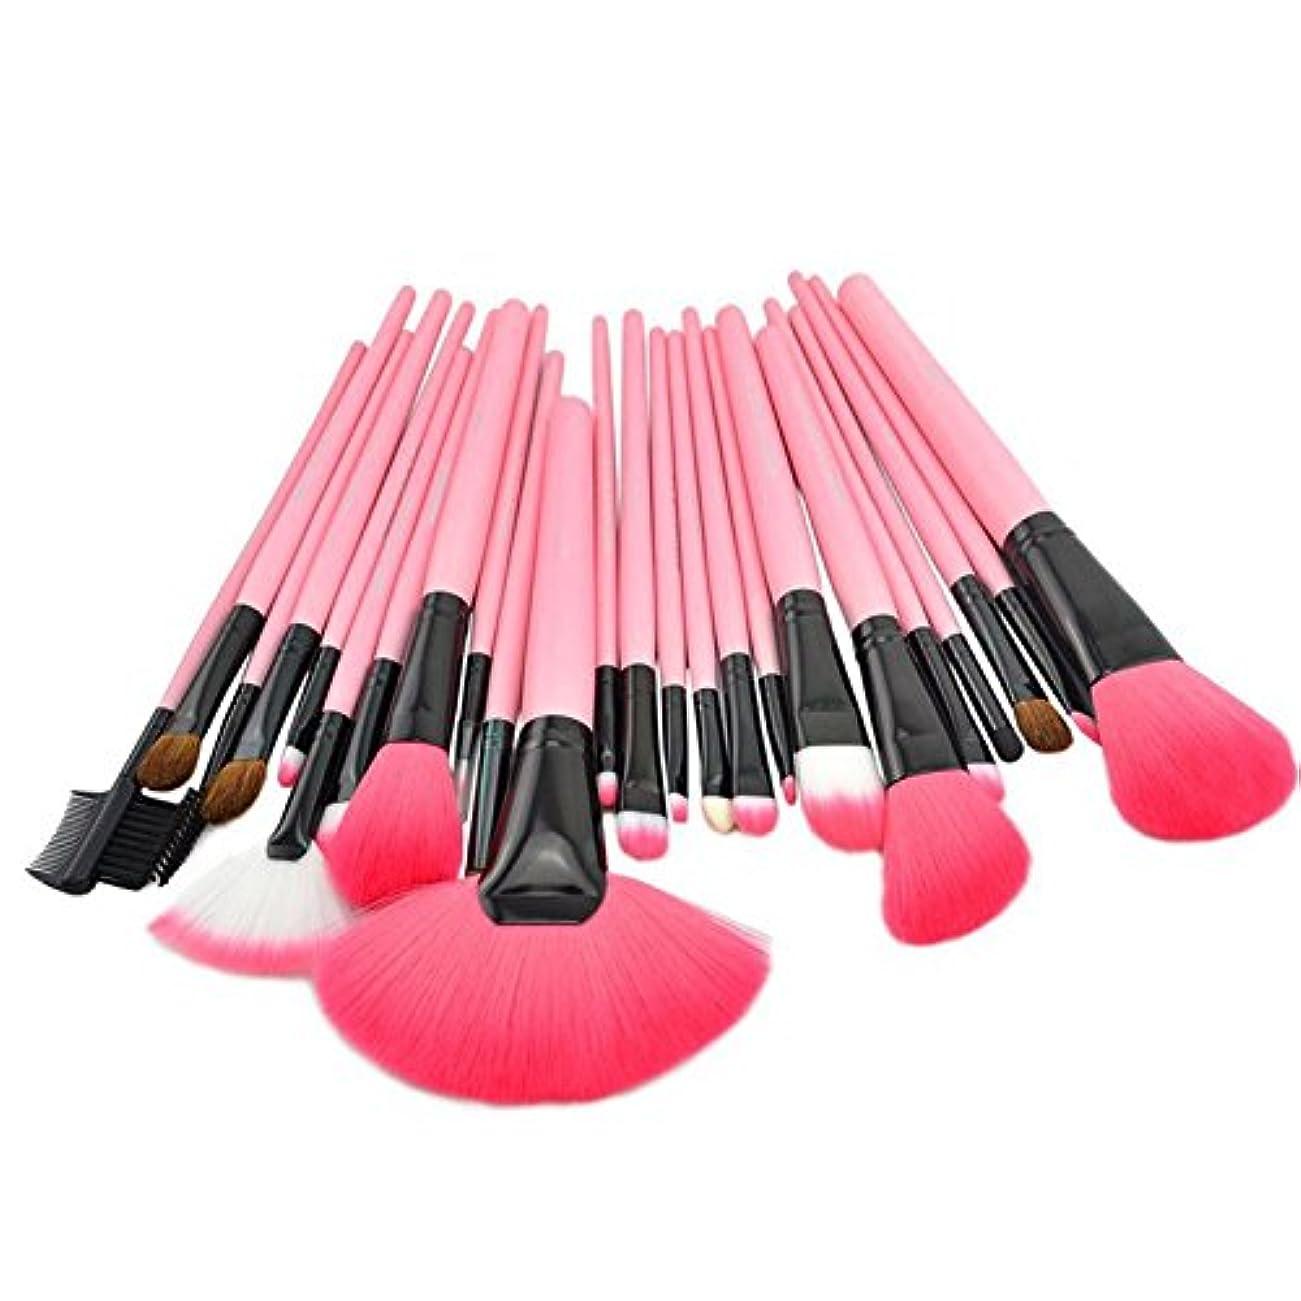 アクセサリーかける通り抜ける(プタス)Putars メイクブラシ メイクブラシセット 24本セット ピンク 高品質 化粧ブラシ ふわふわ お肌に優しい 毛量たっぷり メイク道具 プレゼント